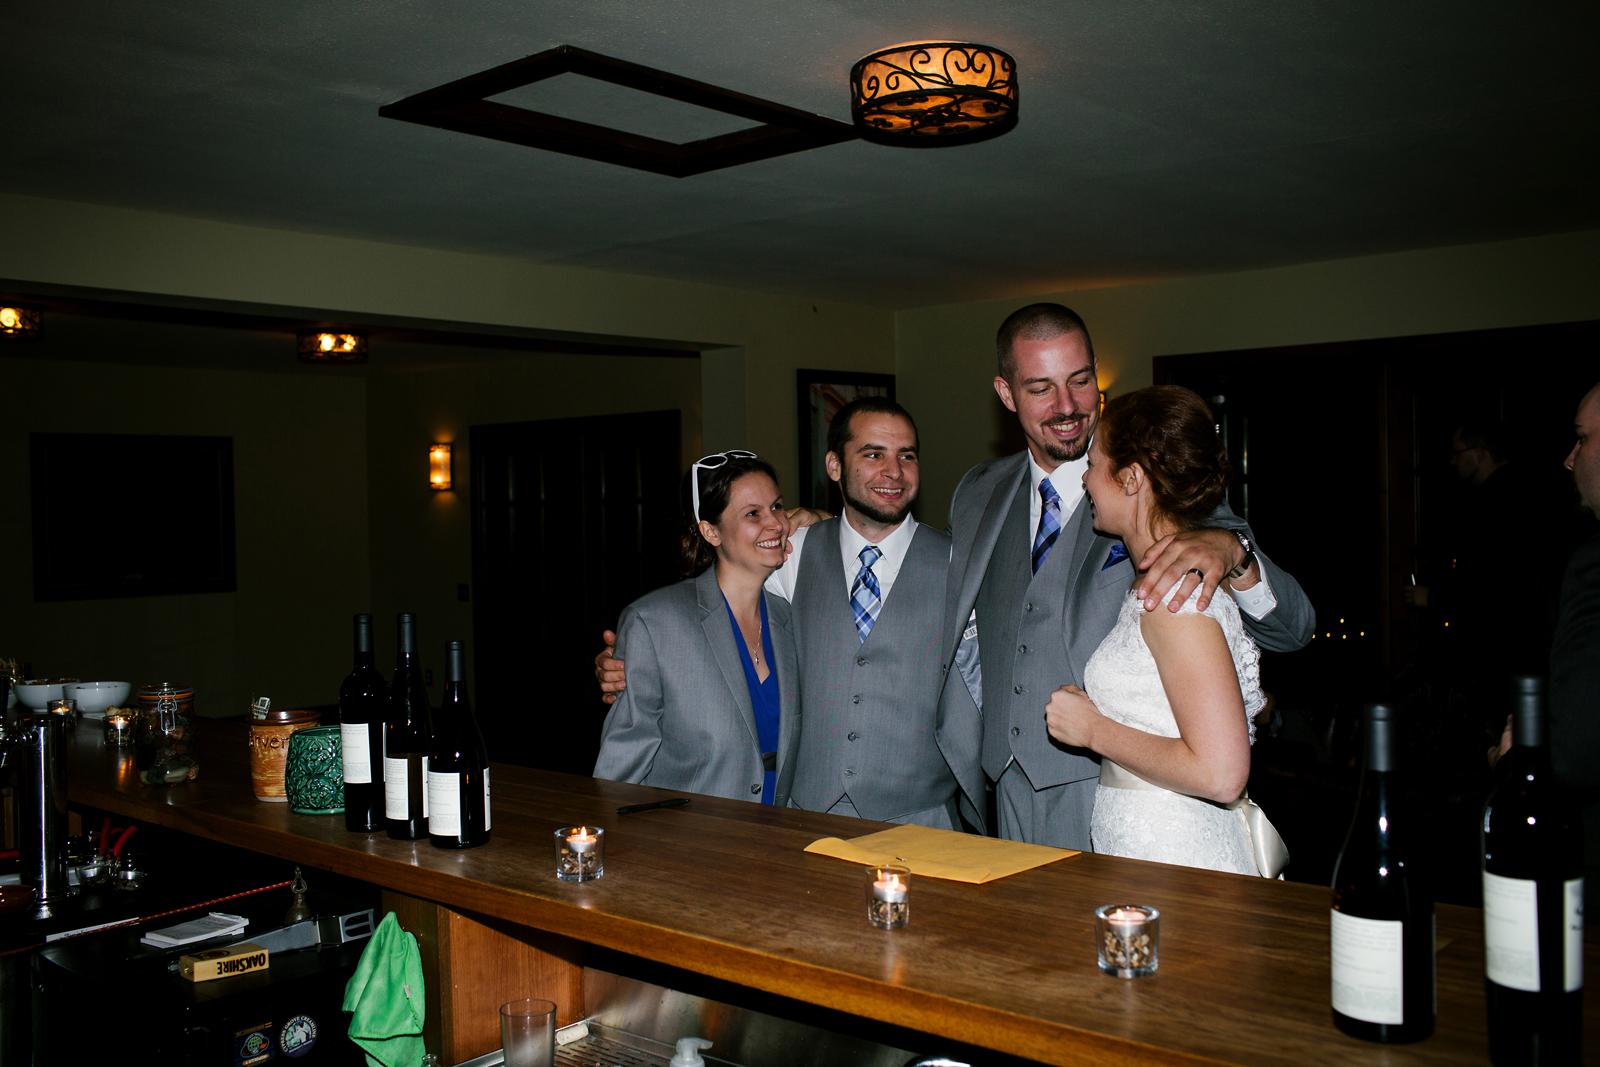 086-daronjackson-rich-wedding.jpg